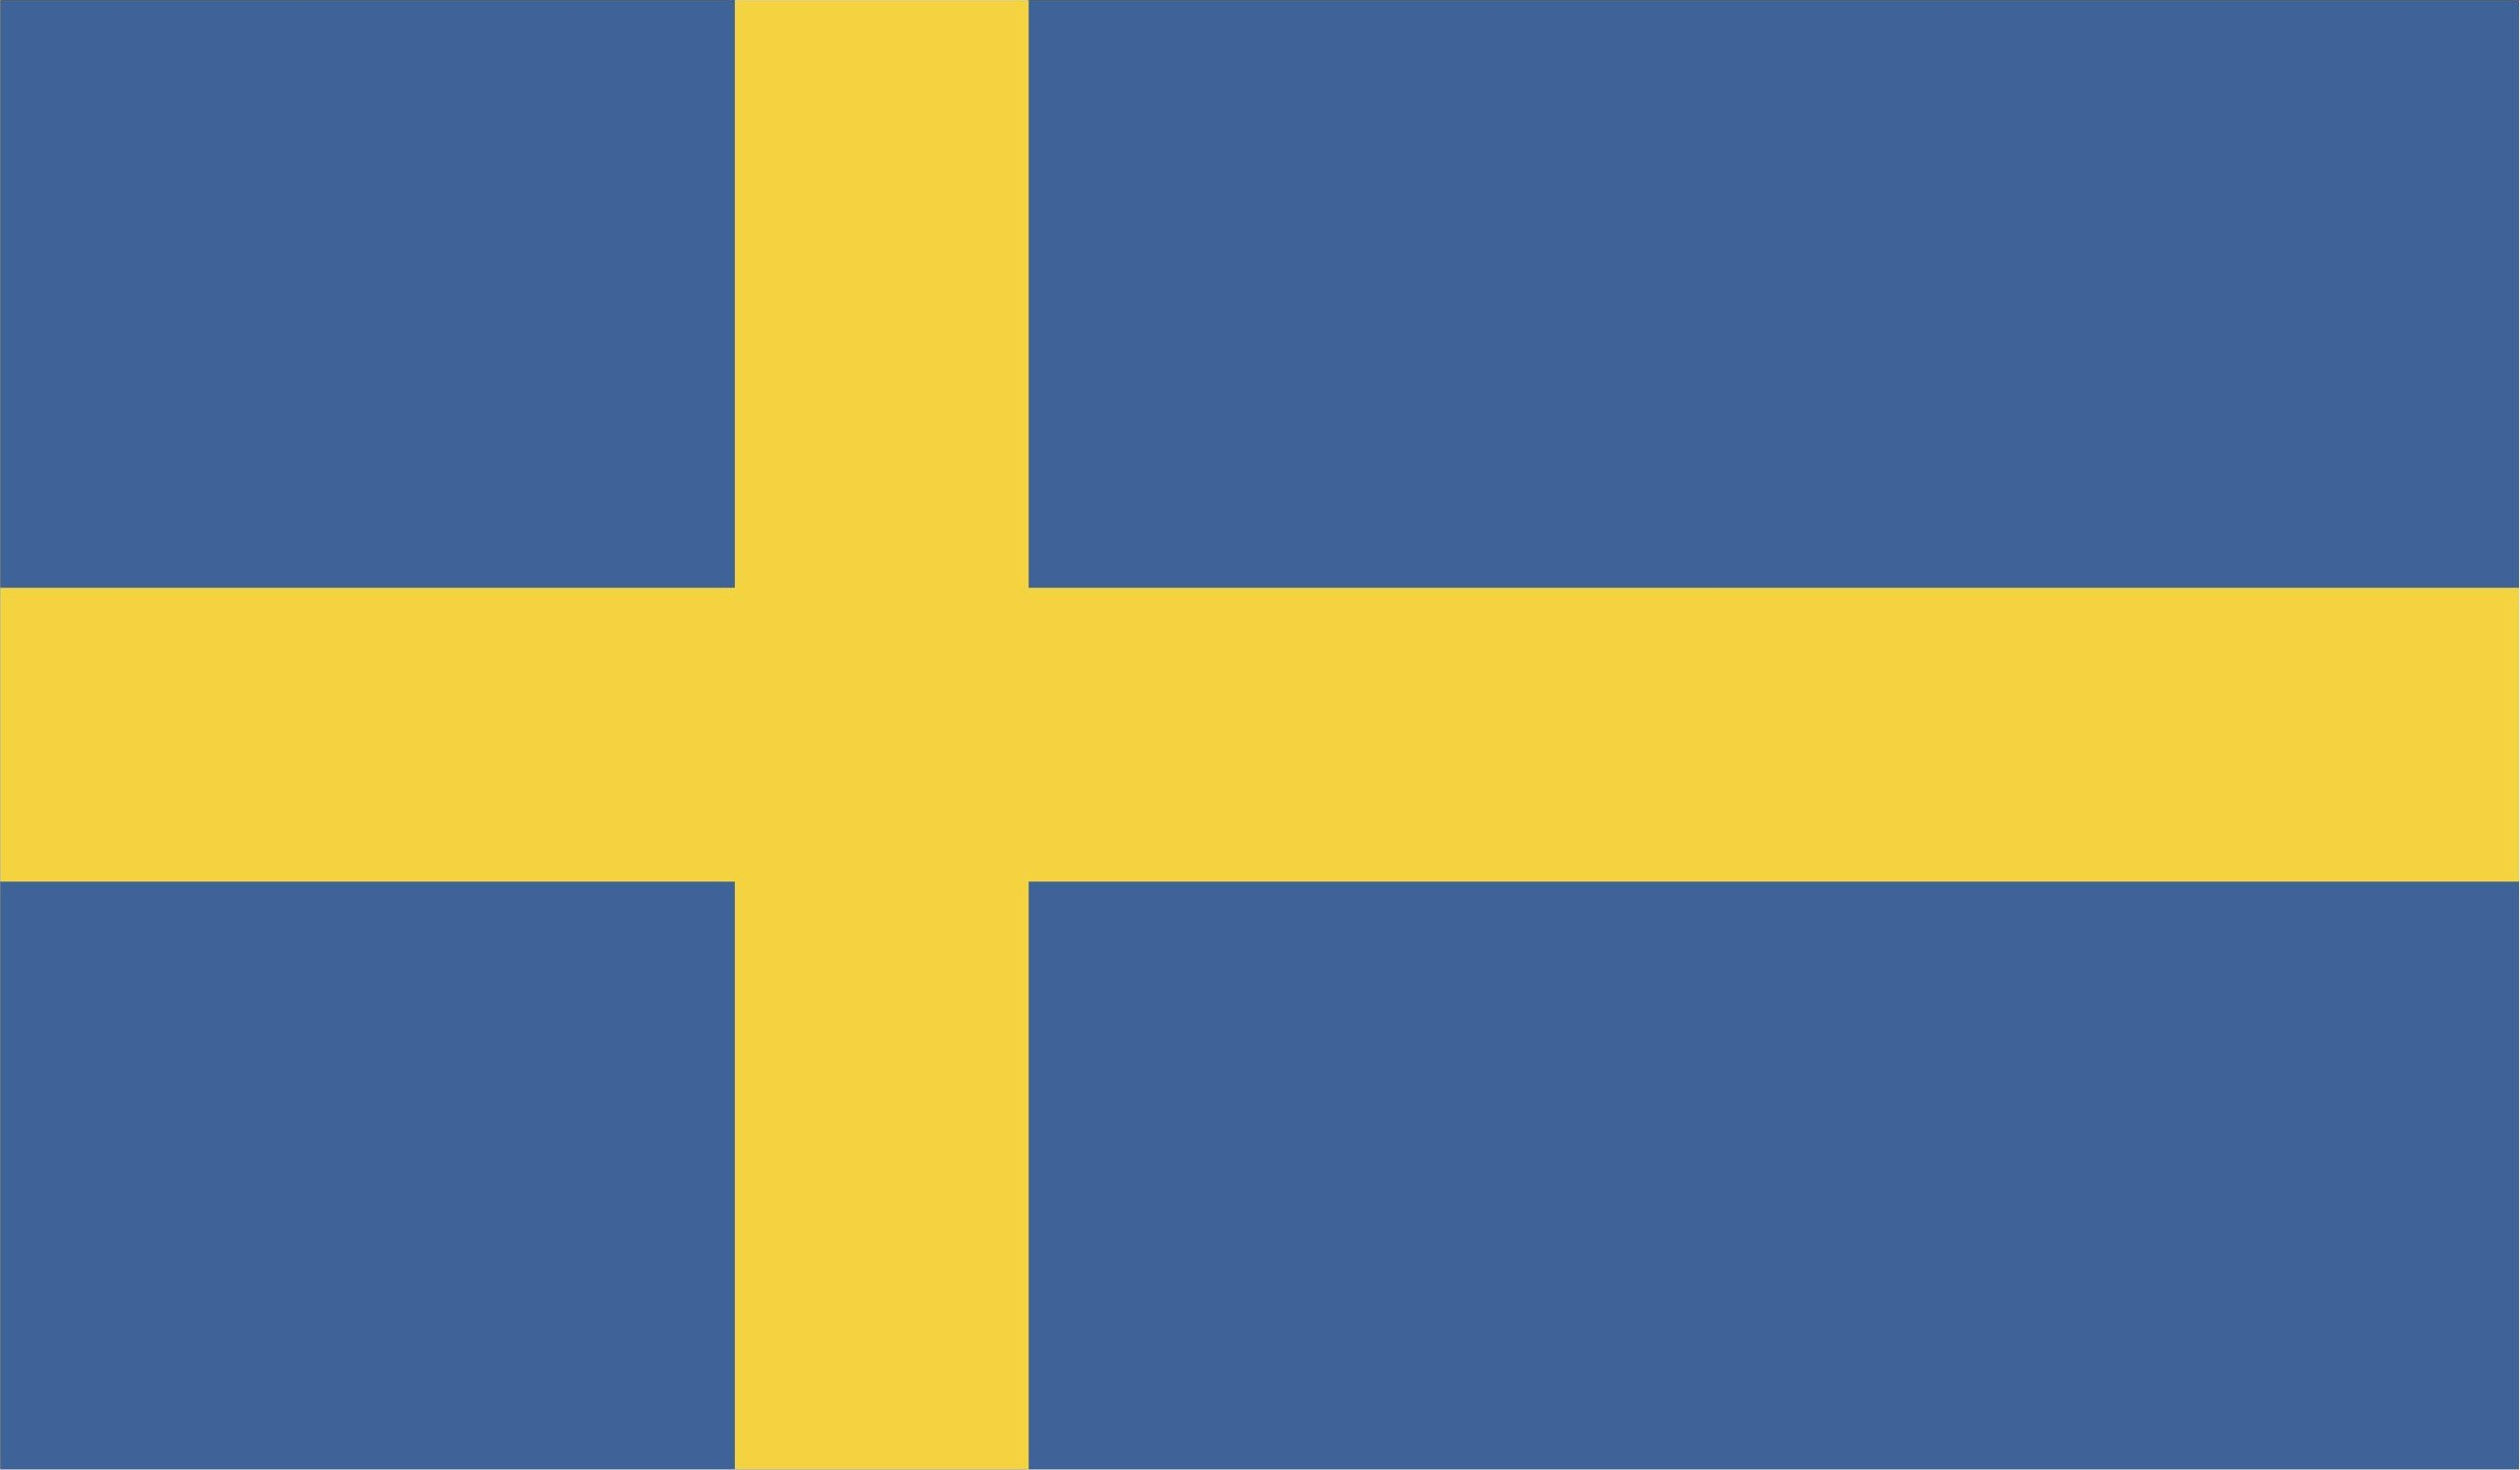 Sweden_Swedish_flag